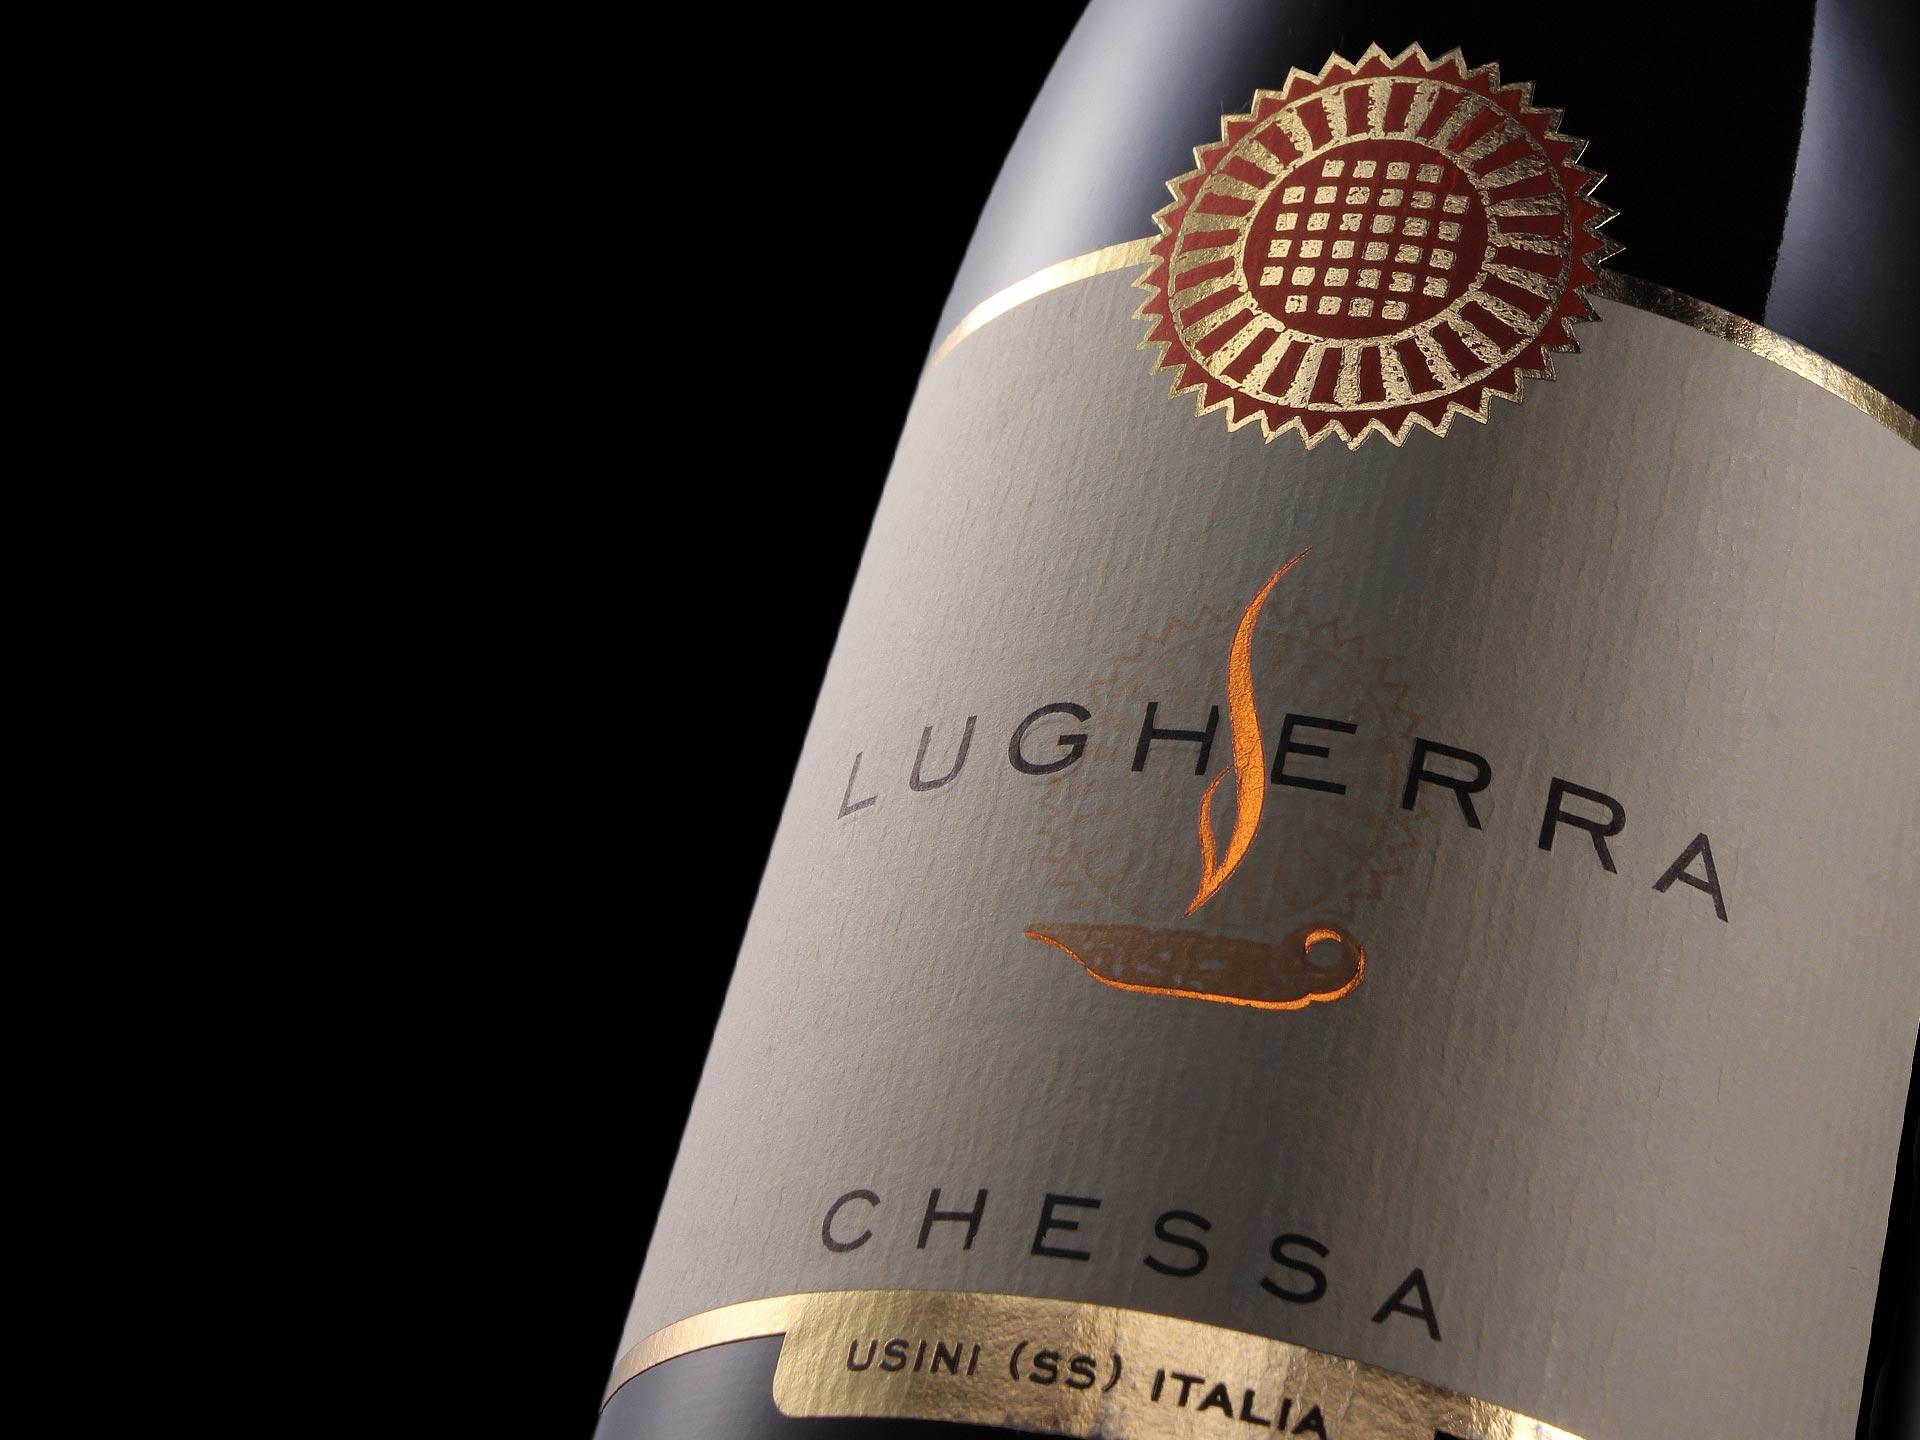 Studio etichetta vino - Lugherra - Cantine Chessa